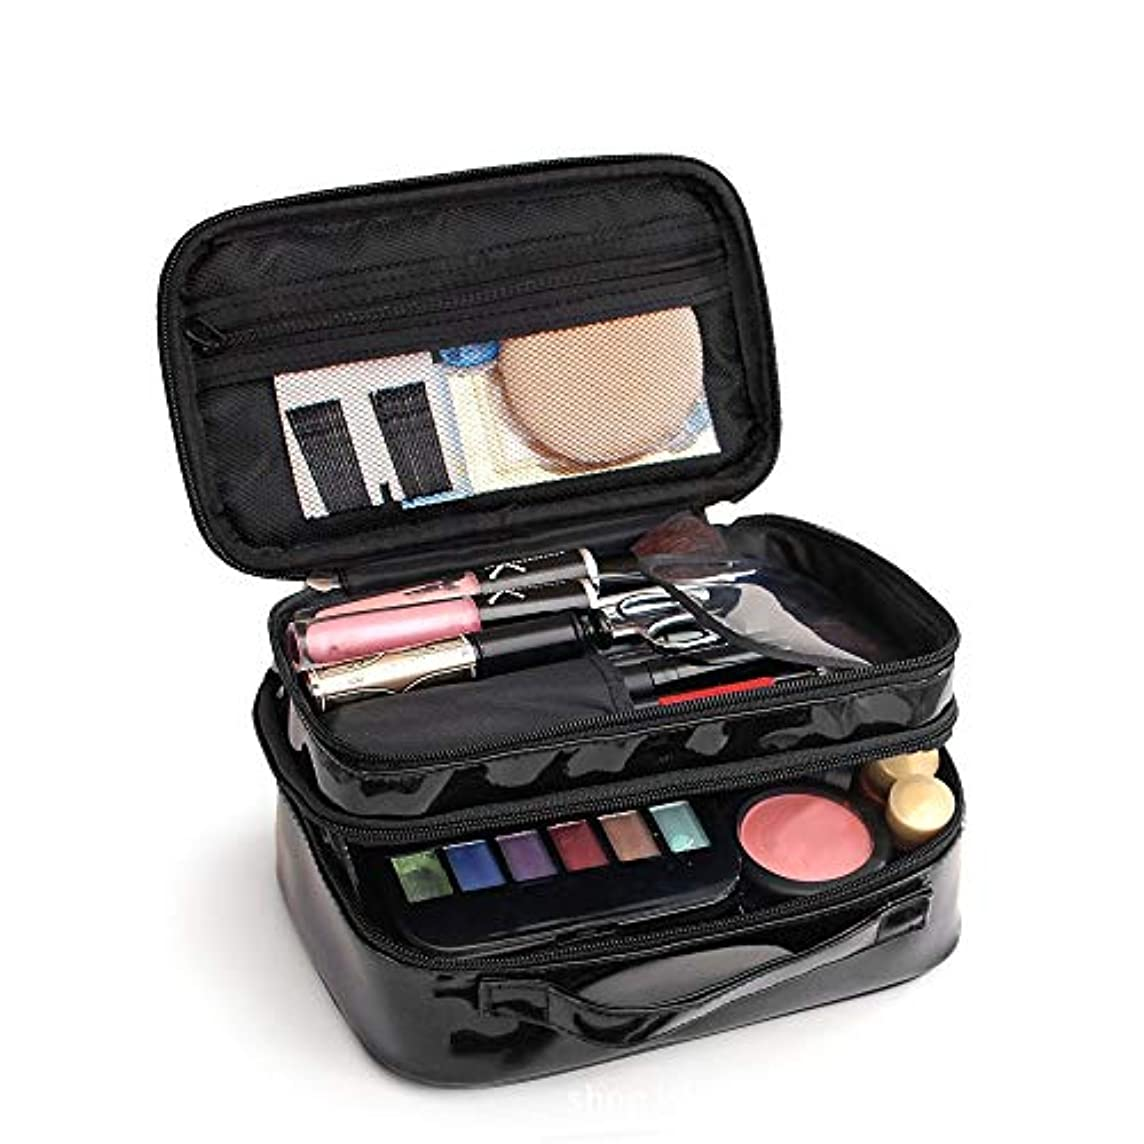 テキスト受ける司書化粧オーガナイザーバッグ ポータブルPU化粧品バッグポータブルソリッドカラー防水化粧品レディースウォッシュバッグ。 化粧品ケース